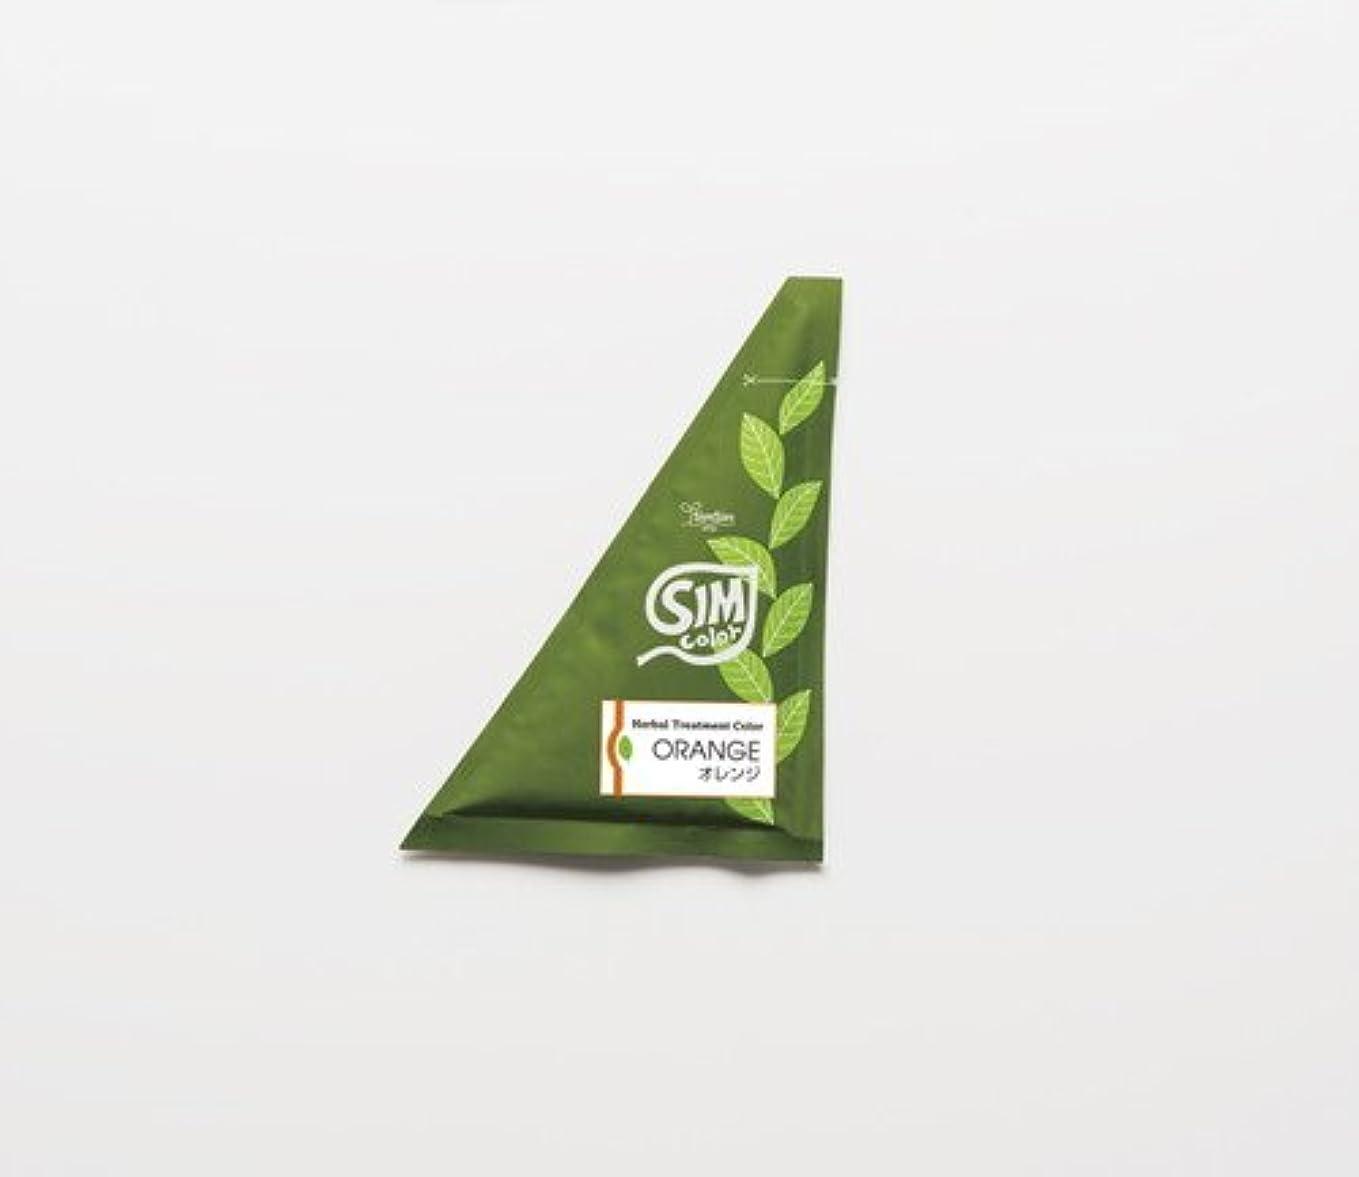 賞大宇宙めまいSimSim(シムシム)お手軽簡単シムカラーエクストラ(EX)25g 2袋 オレンジ